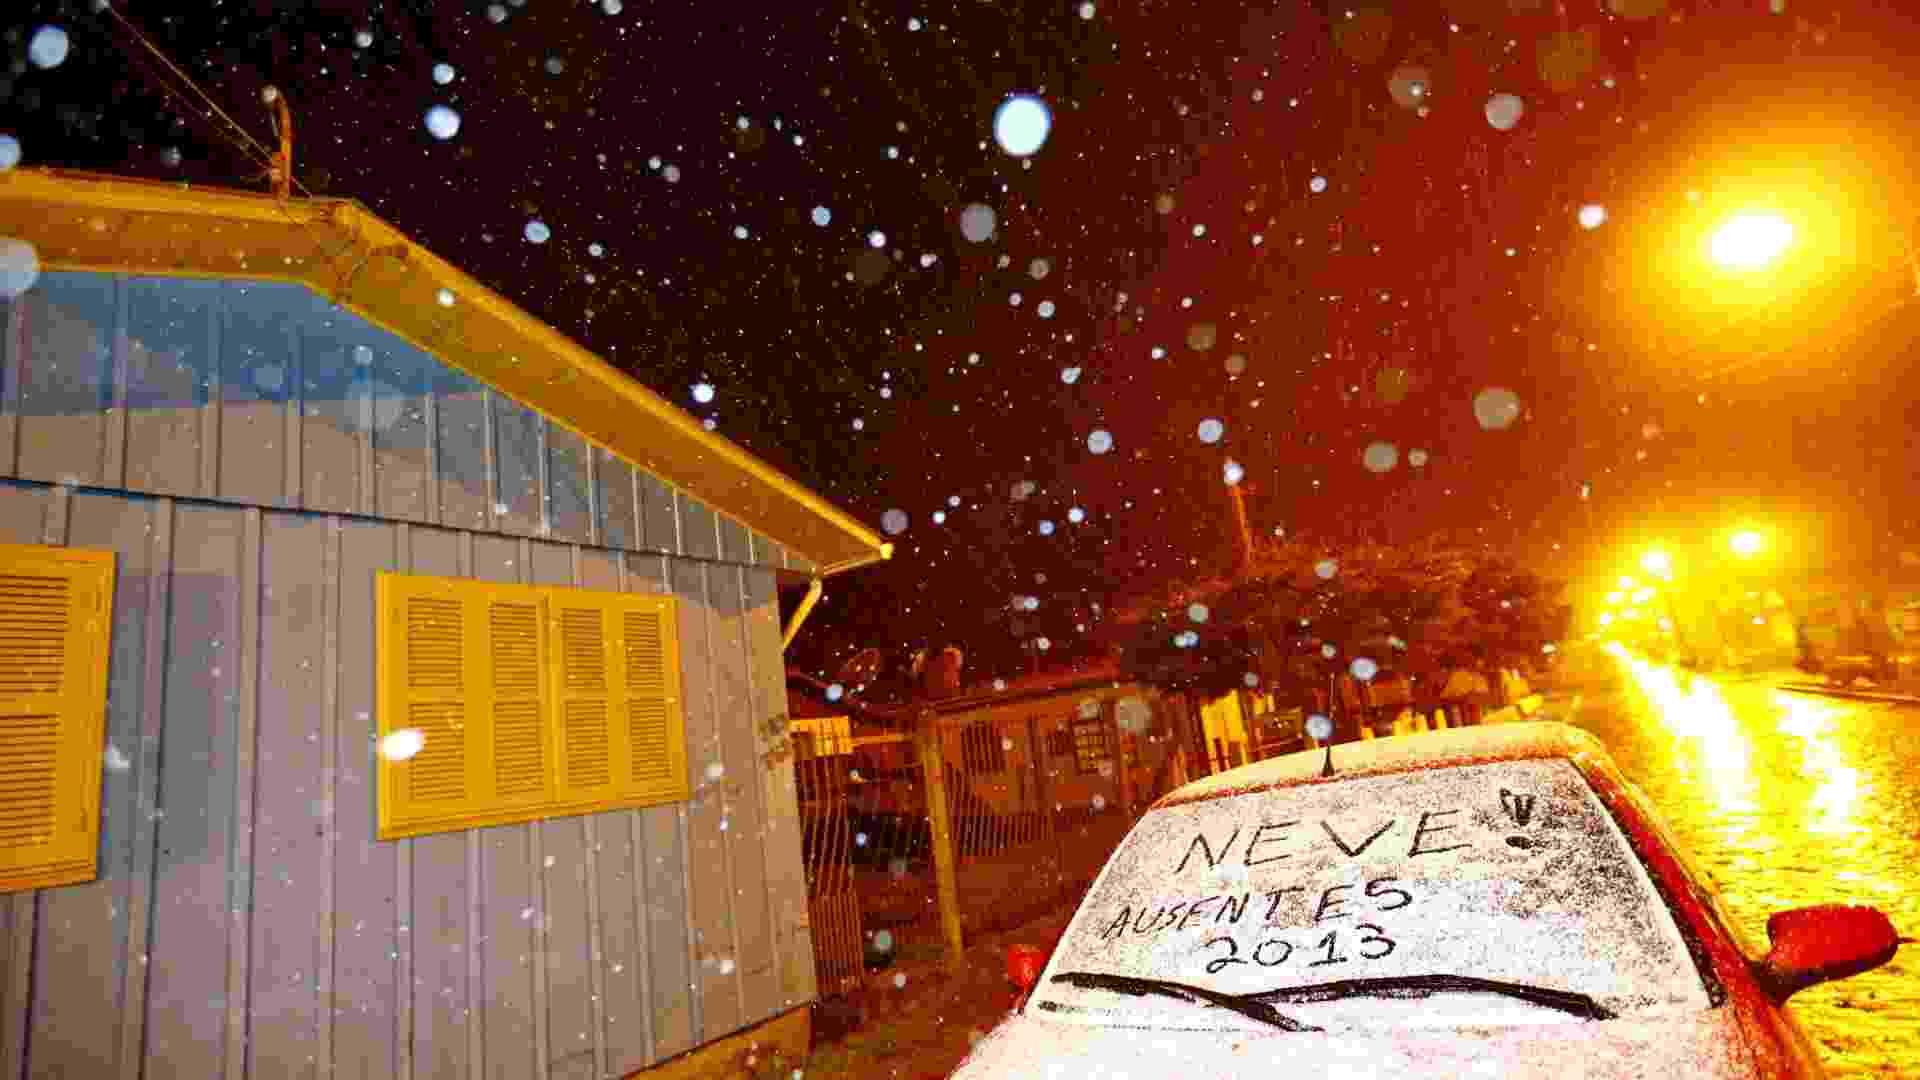 22.jul.2013 - Com o termômetro marcando -0,5ºC, segundo o Inmet (Instituto Nacional de Meteorologia), o município de São José dos Ausentes (RS) teve neve na madrugada desta segunda-feira (22). Por volta das 4h30, pequenos flocos de neve, que se assemelhavam a chuva congelada, enfeitavam o céu da cidade. Mais tarde, por volta das 5h, a neve se acentuou, caindo com mais intensidade - Félix Zucco/Agência RBS